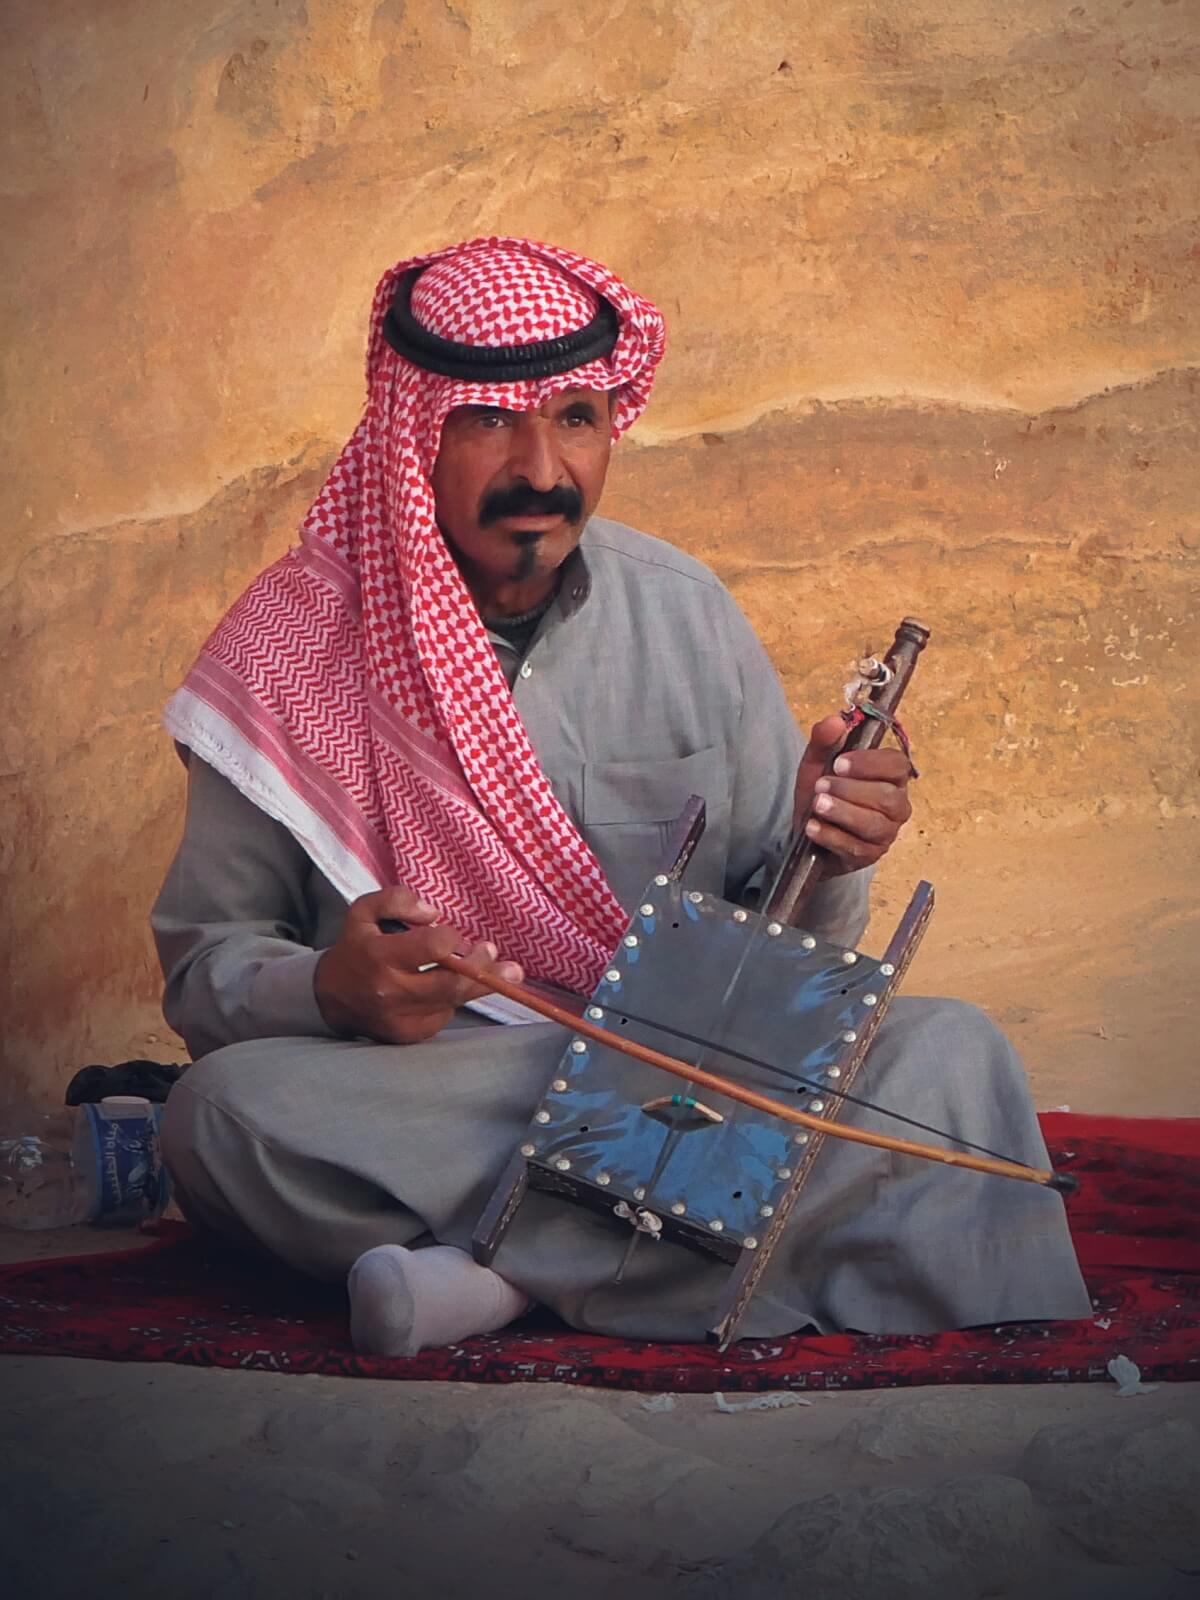 Beduin gra na tradycyjnym instrumencie na pustyni w Jordanii.